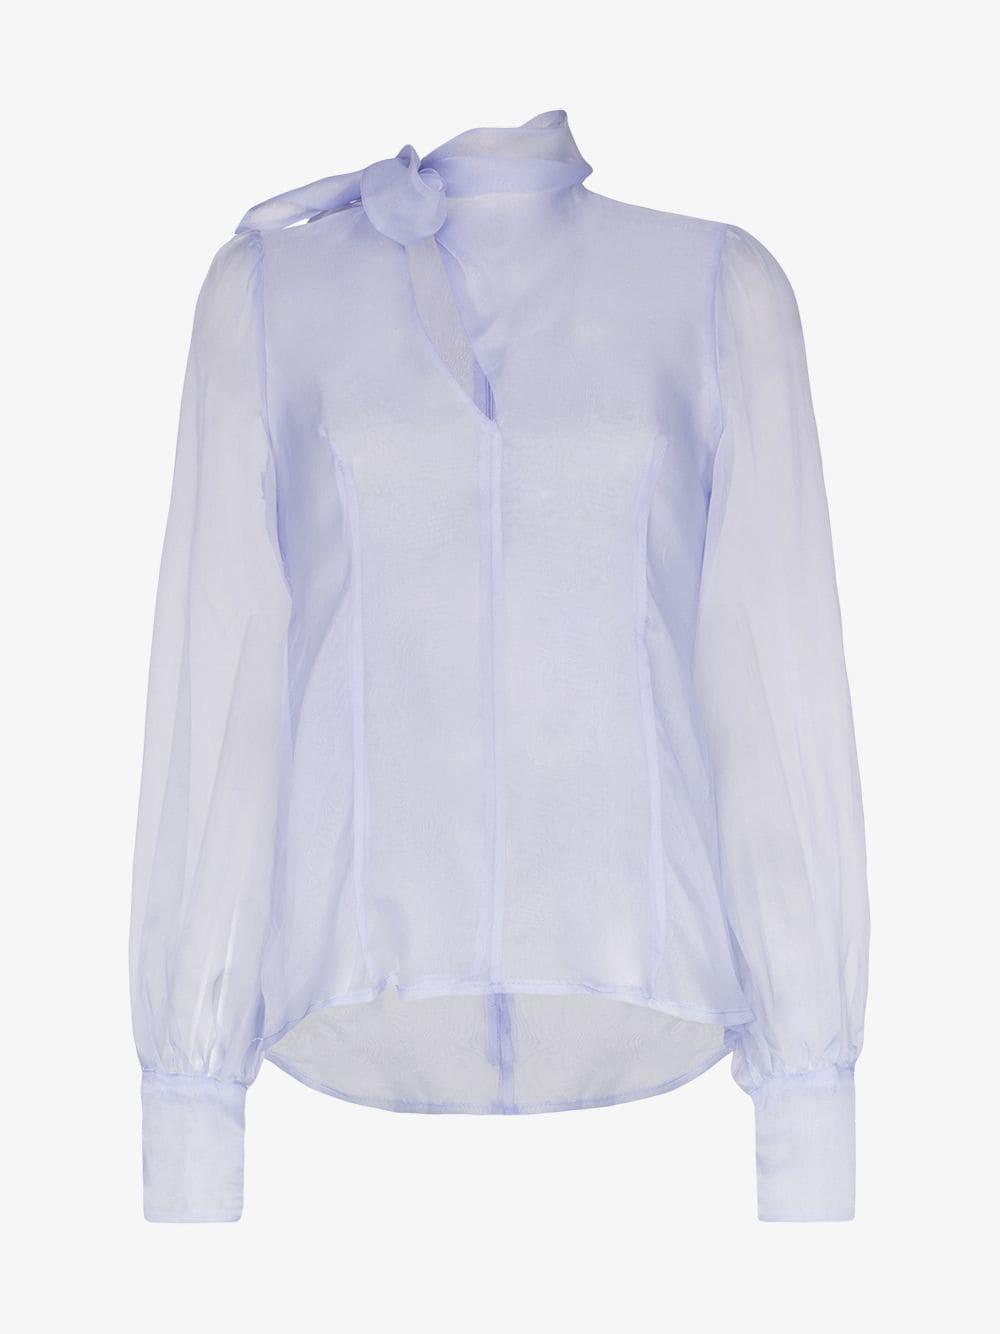 Beaufille Rosseau Sheer Tie Neck Silk Blouse in blue